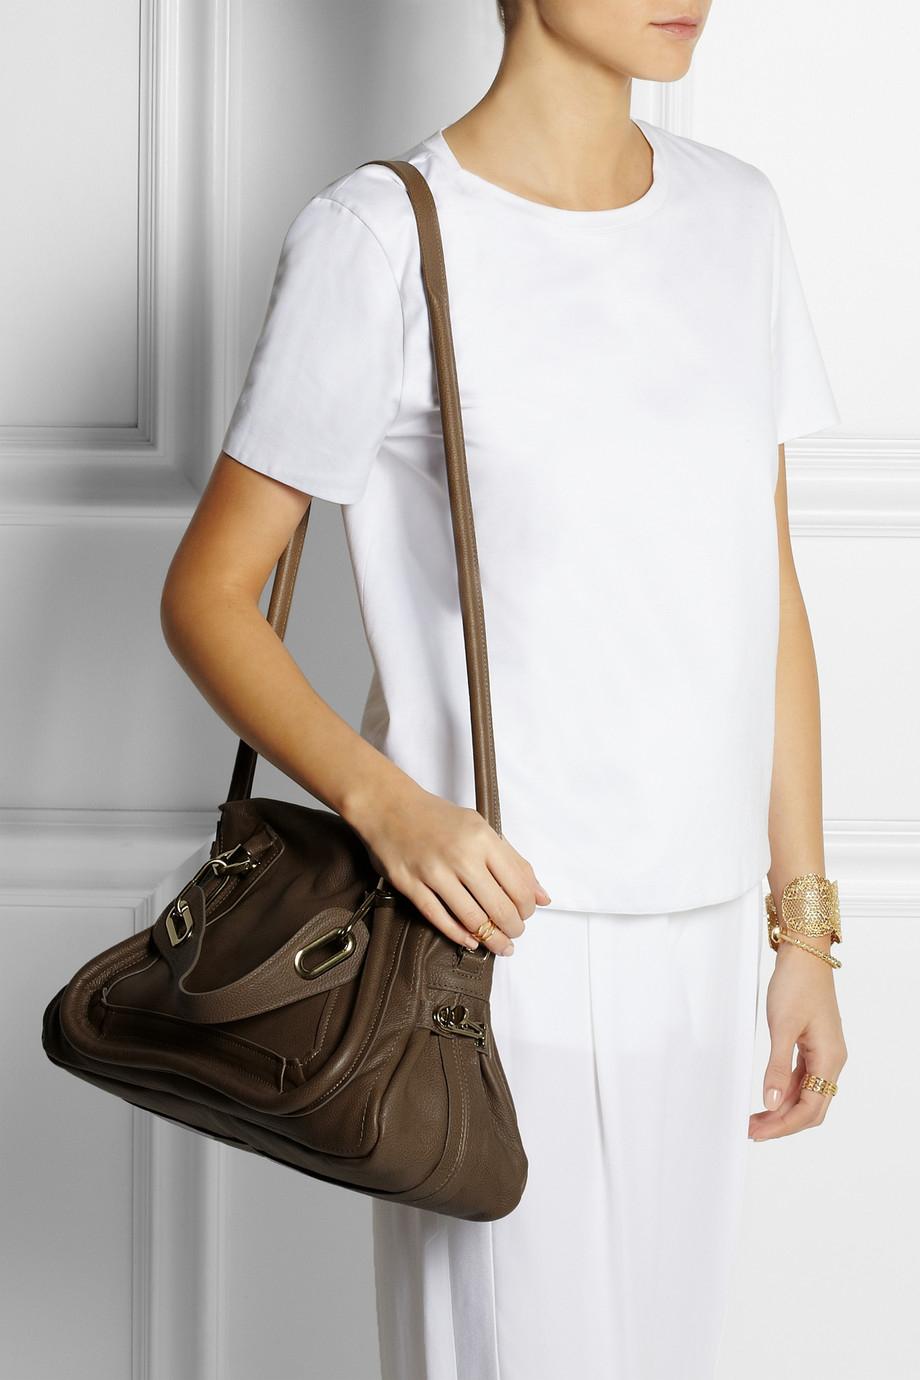 Chlo¨¦ Paraty Medium Leather Shoulder Bag in Khaki (Green) | Lyst